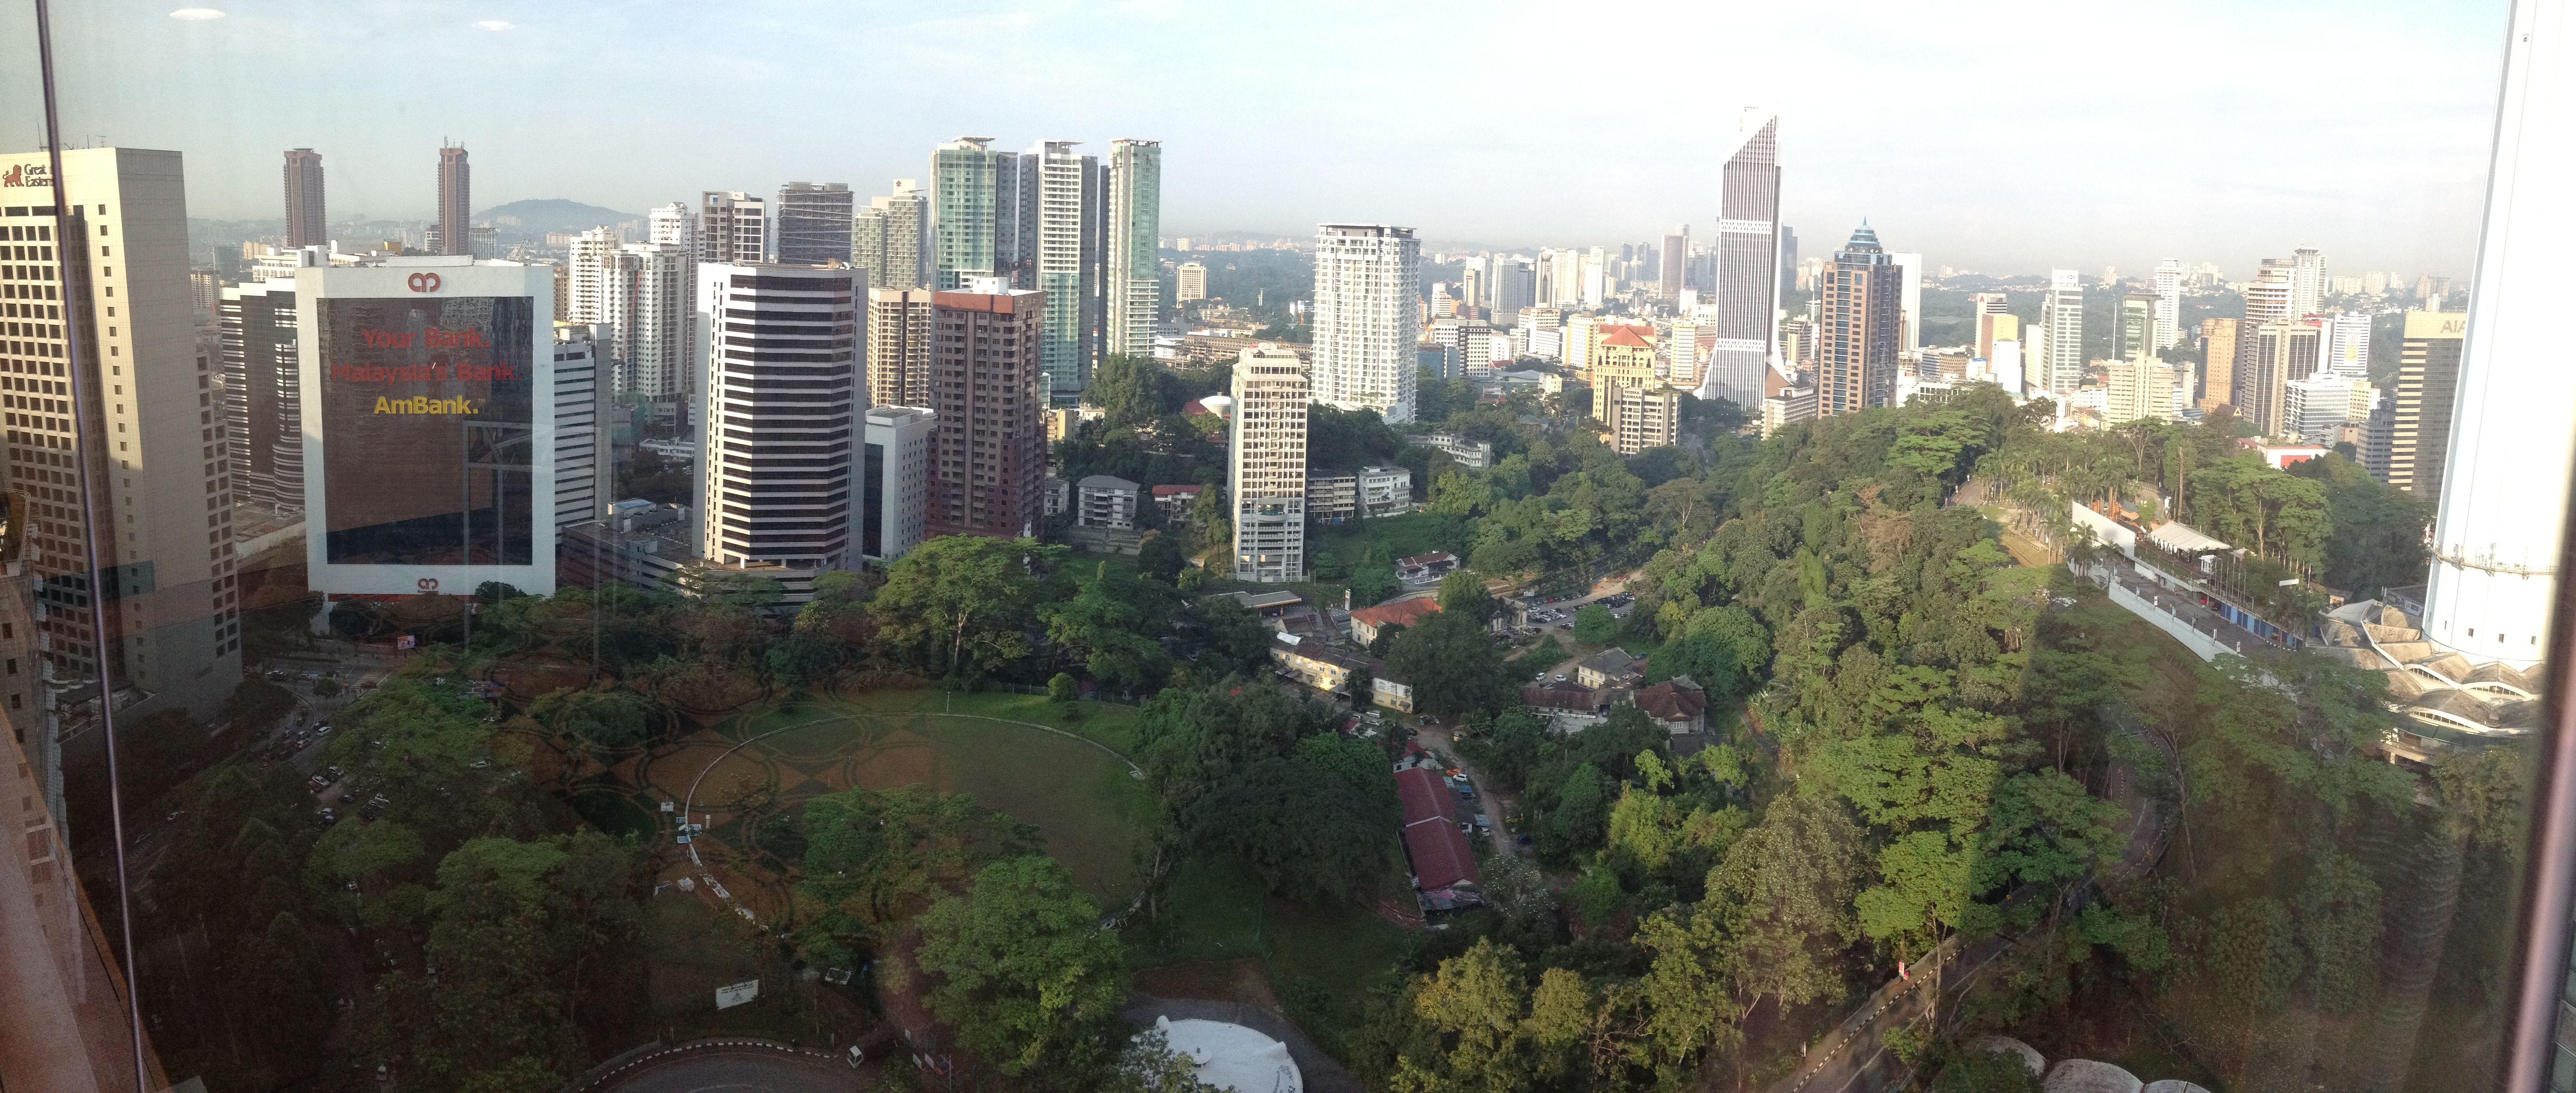 Kuala Lumpur City Scape Kuala lumpur city, Seattle